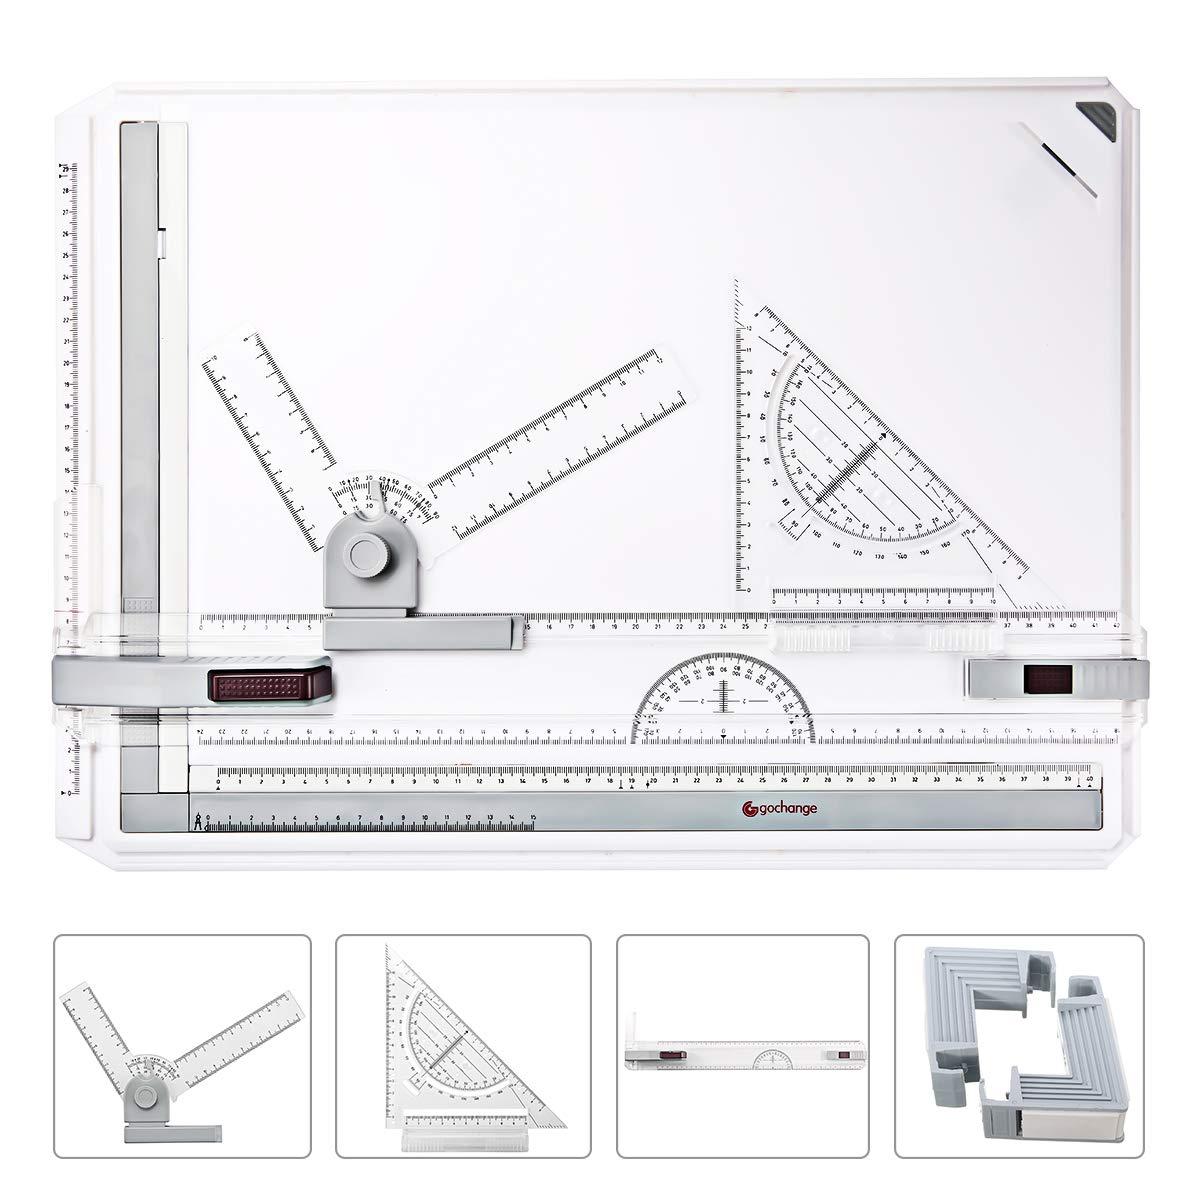 A3 Disegno Bordo GOCHANGE 50 x 36, 5 Centimetri Tavolo da Disegno Con Movimento Parallelo e Angolazione Regolabile Loprtec_IT